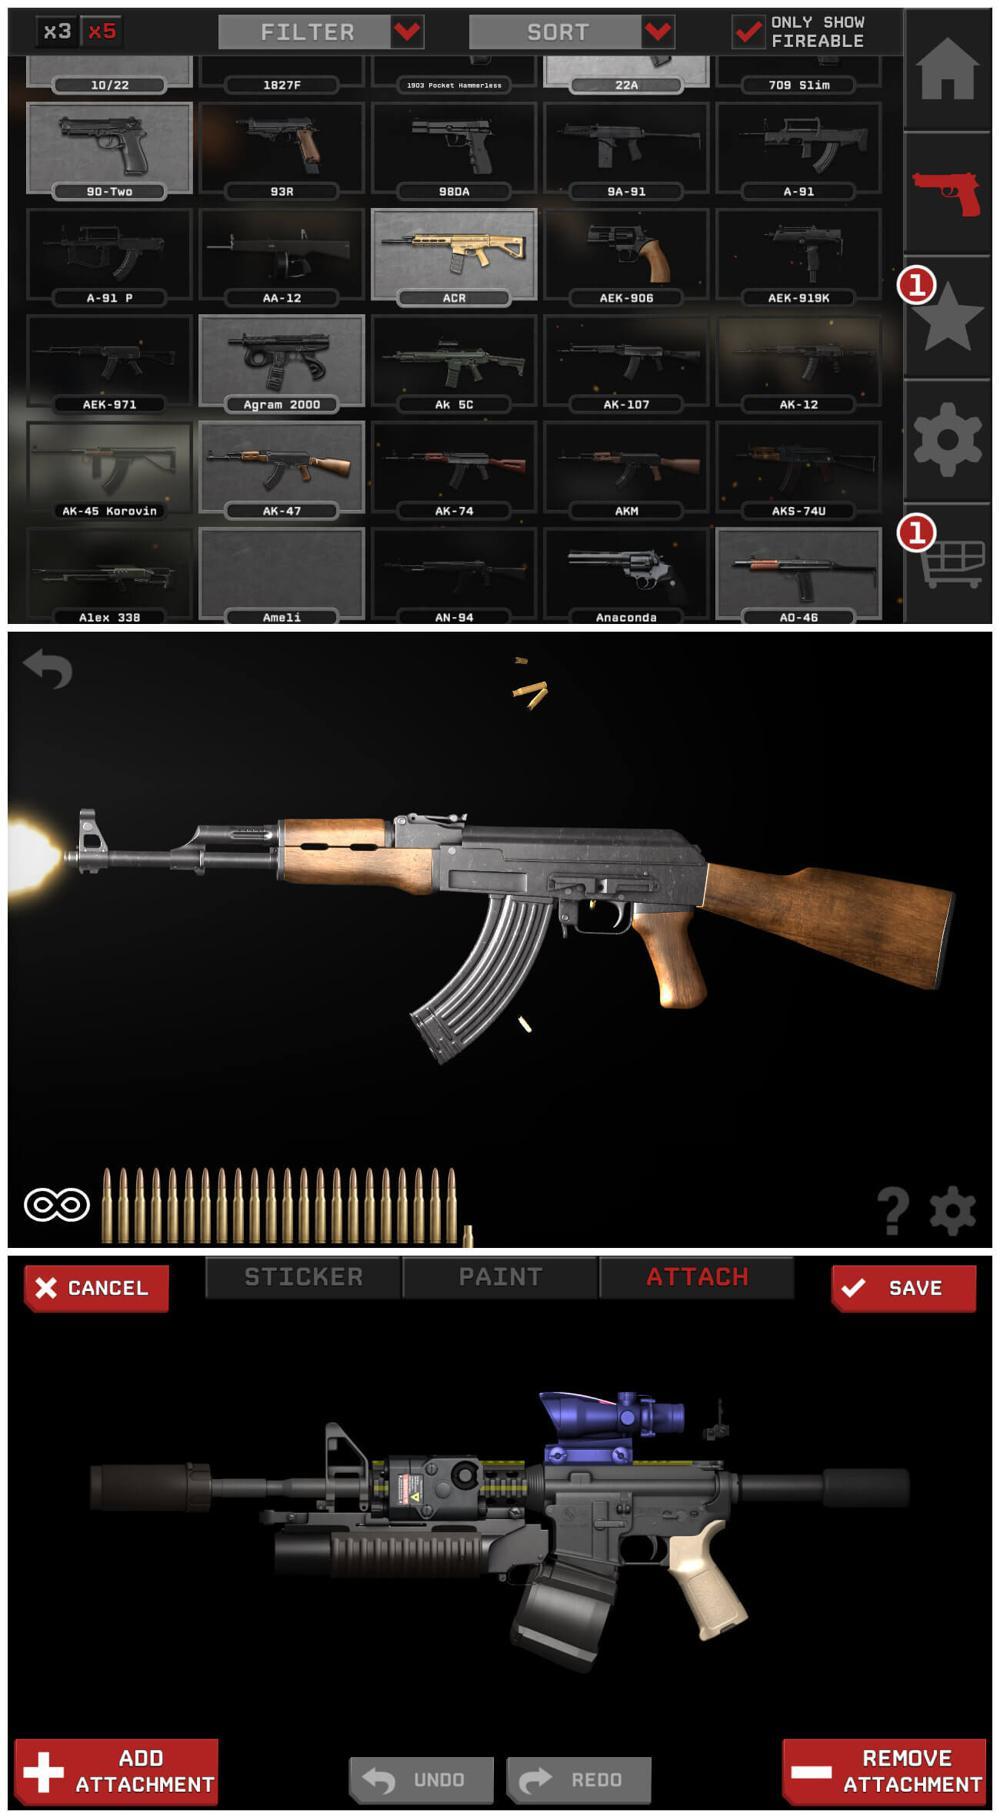 专业枪械模拟游戏 真实枪械2